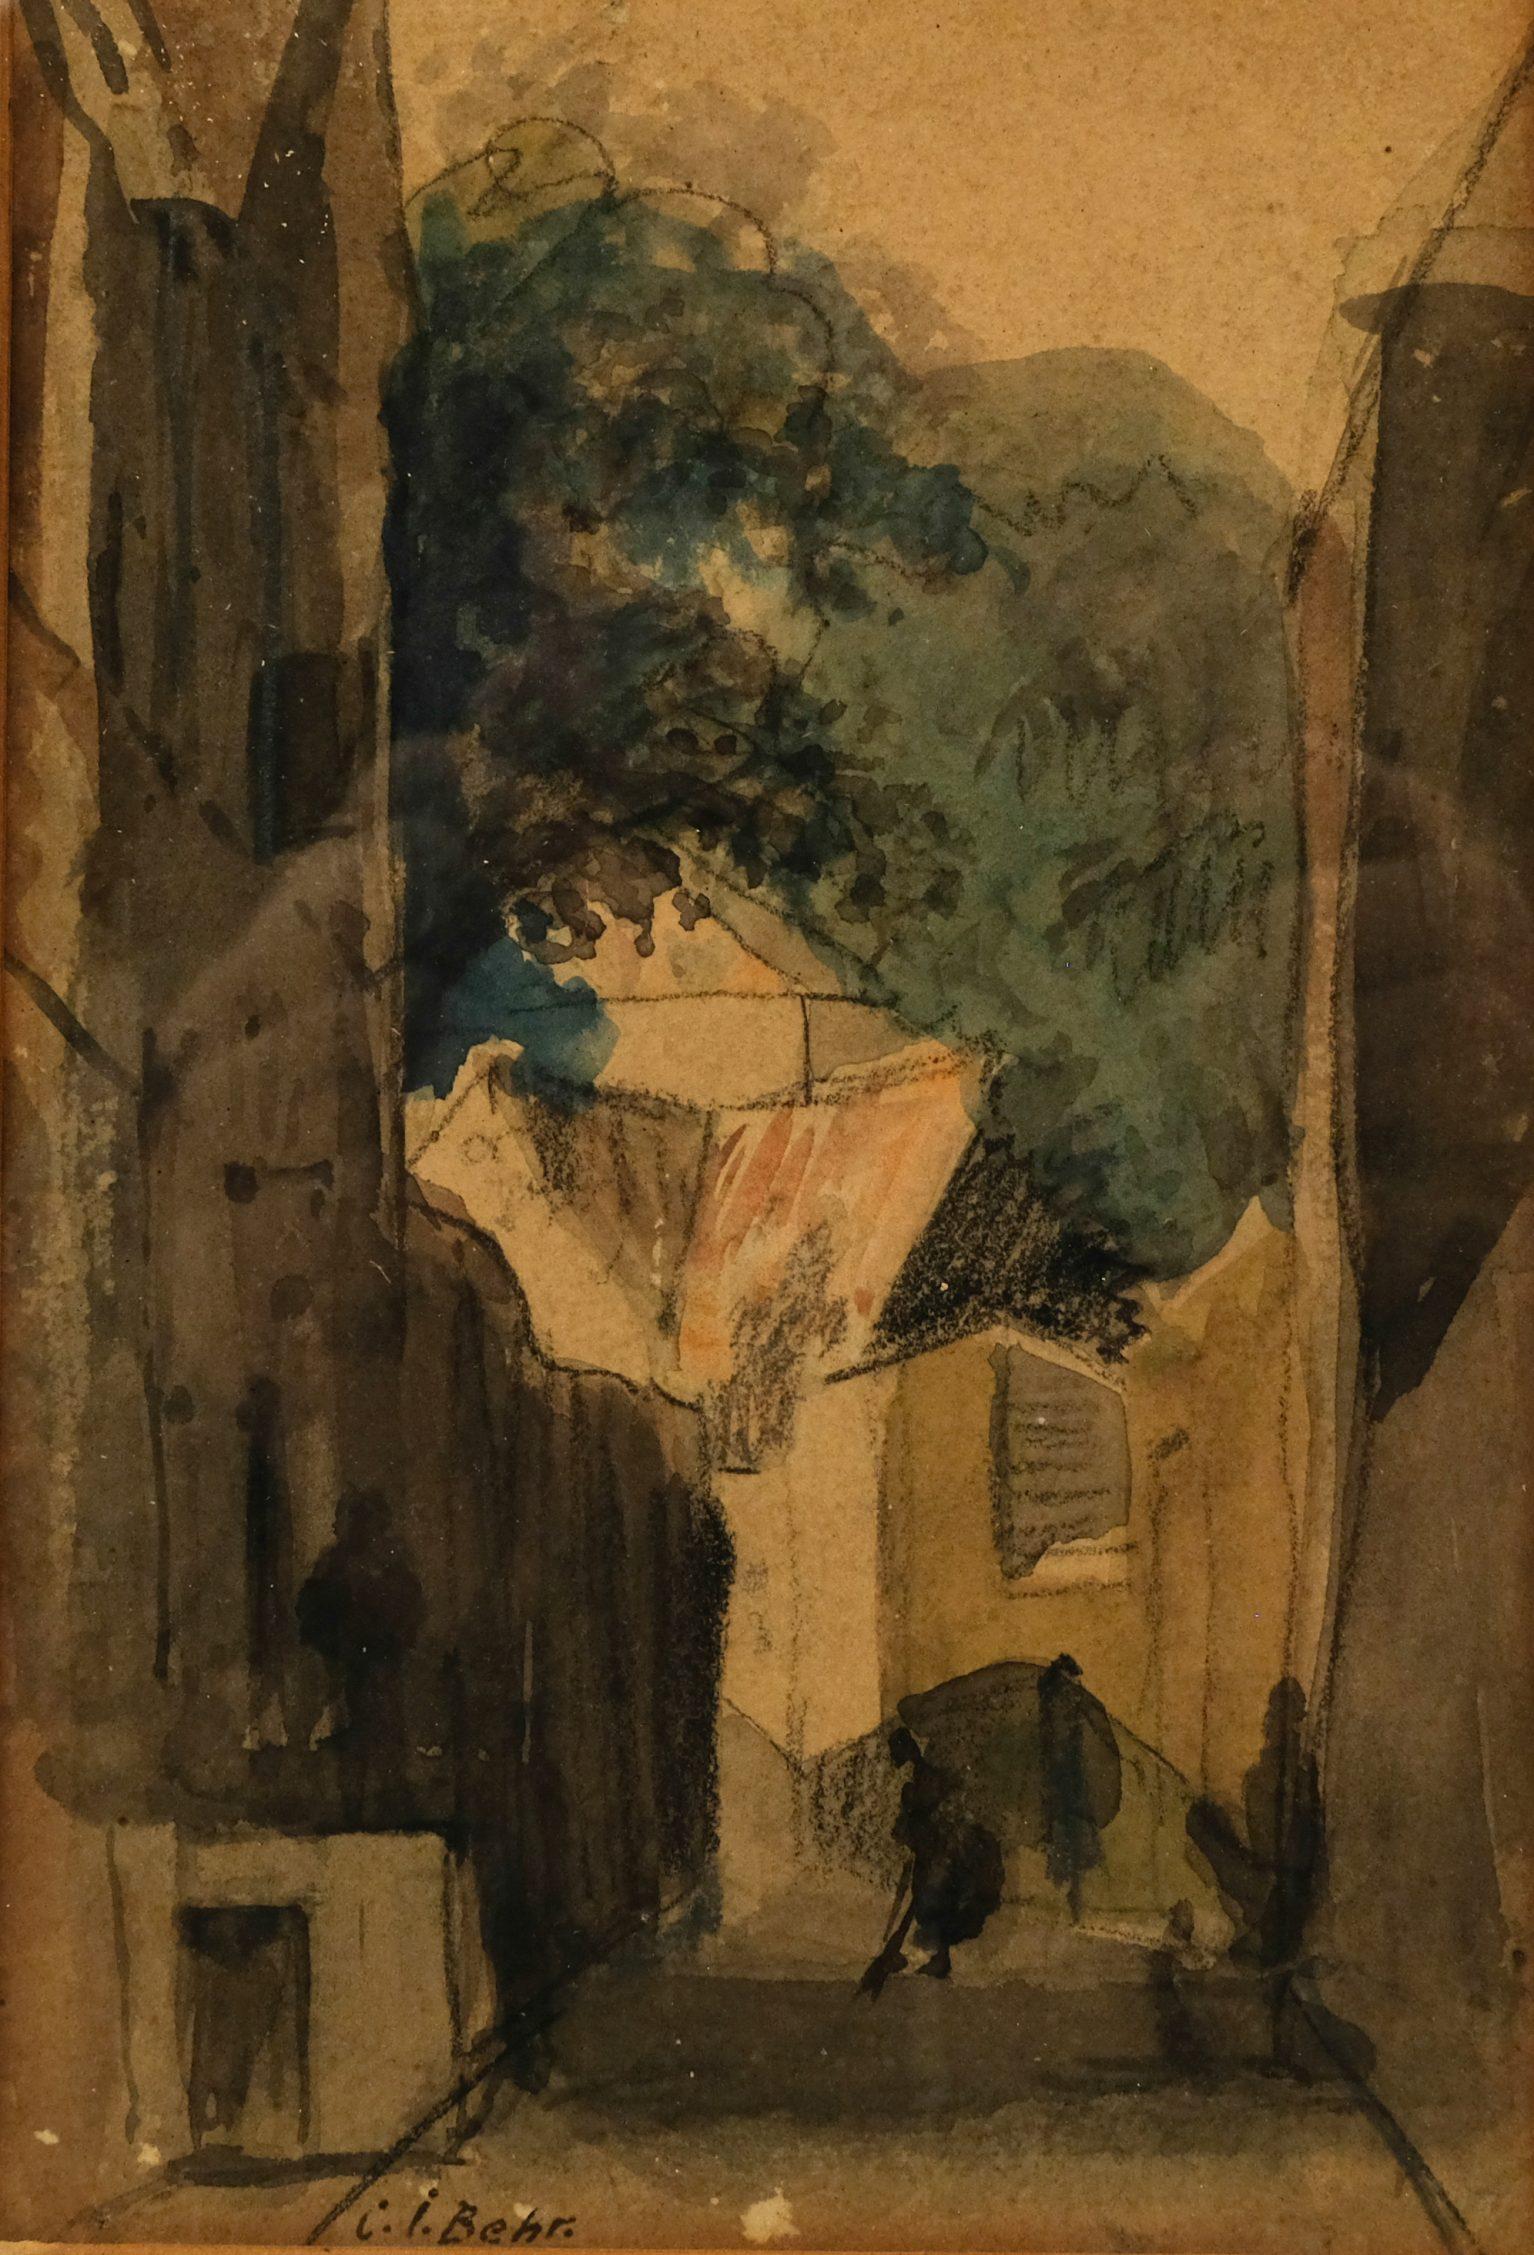 Carel Jacobus Behr (1904-1972) – Stadsgezicht